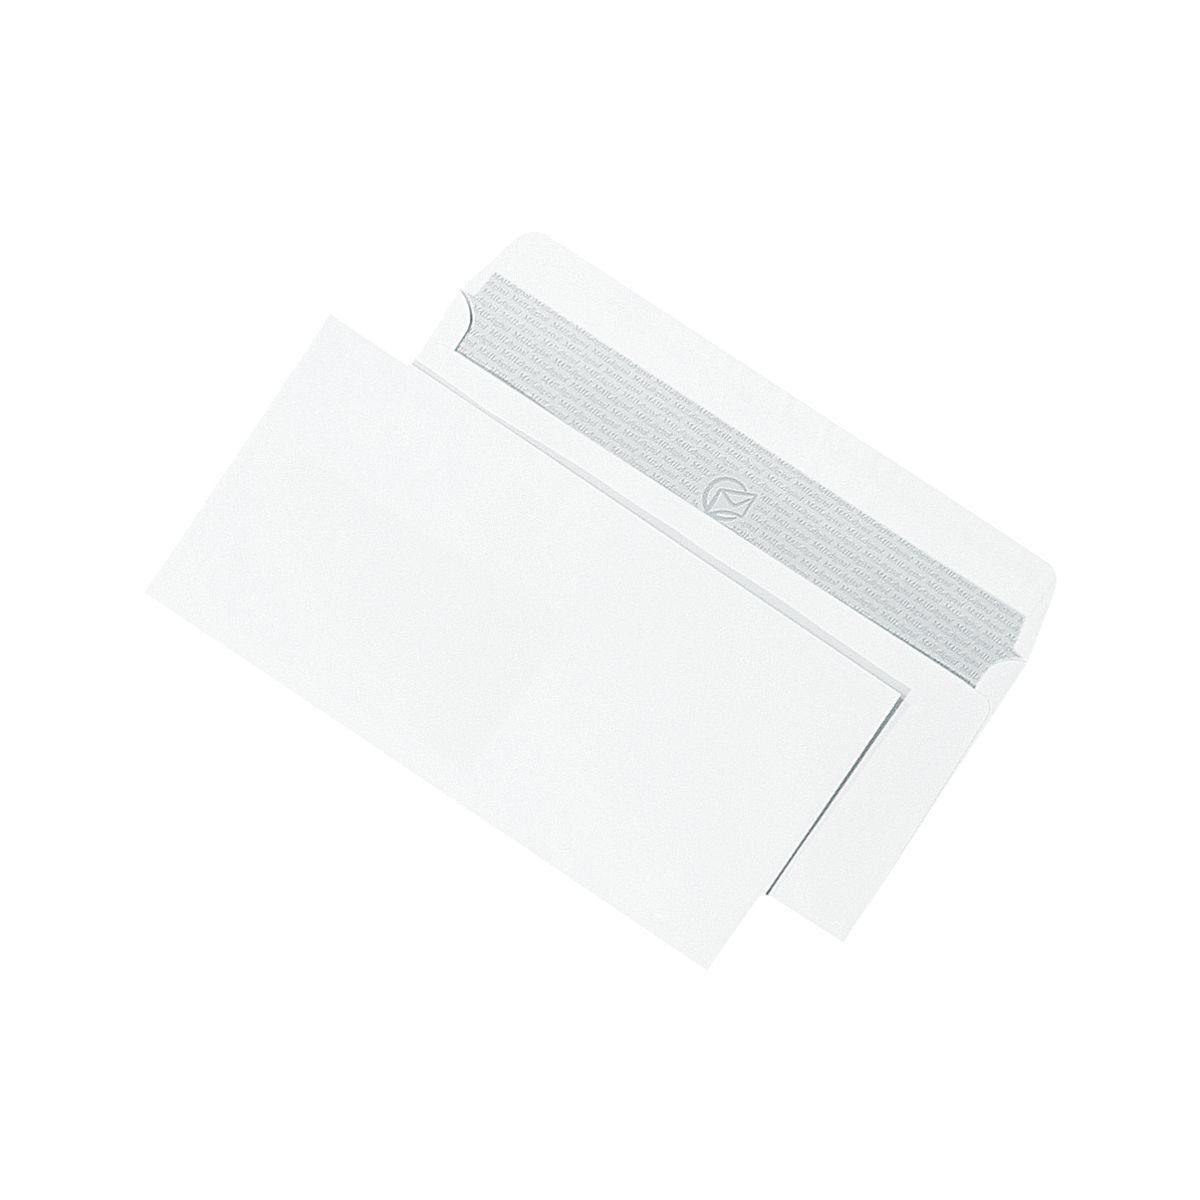 Mailmedia Laserbedruckbare Briefumschläge DL ohne Fenster mit Haft... »Maildigital«